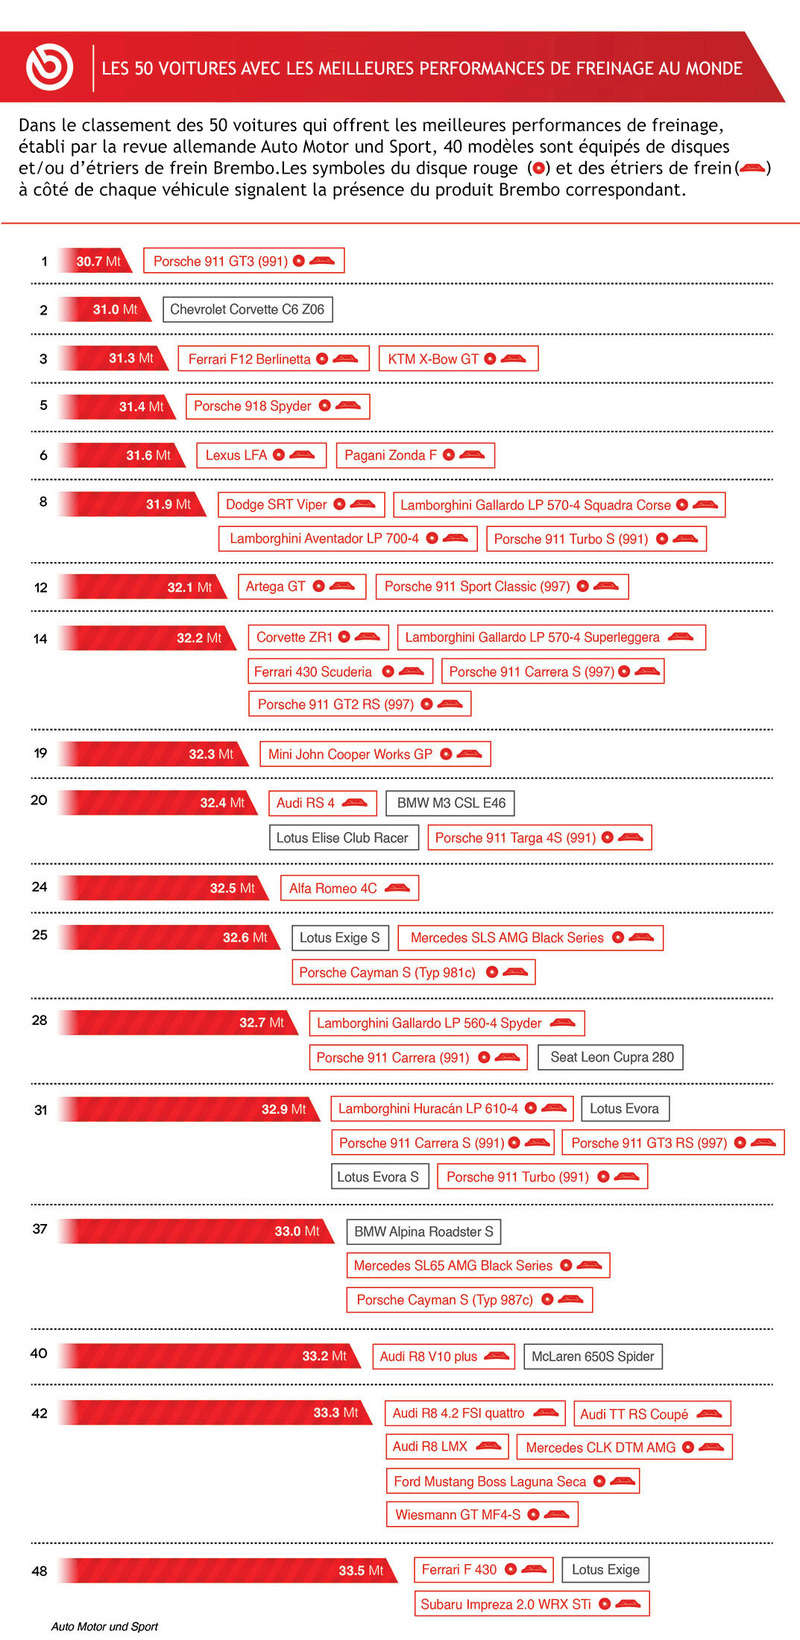 DE 100 À 0 KM/H : LES 50 VÉHICULES QUI FREINENT LE MIEUX 50auto10